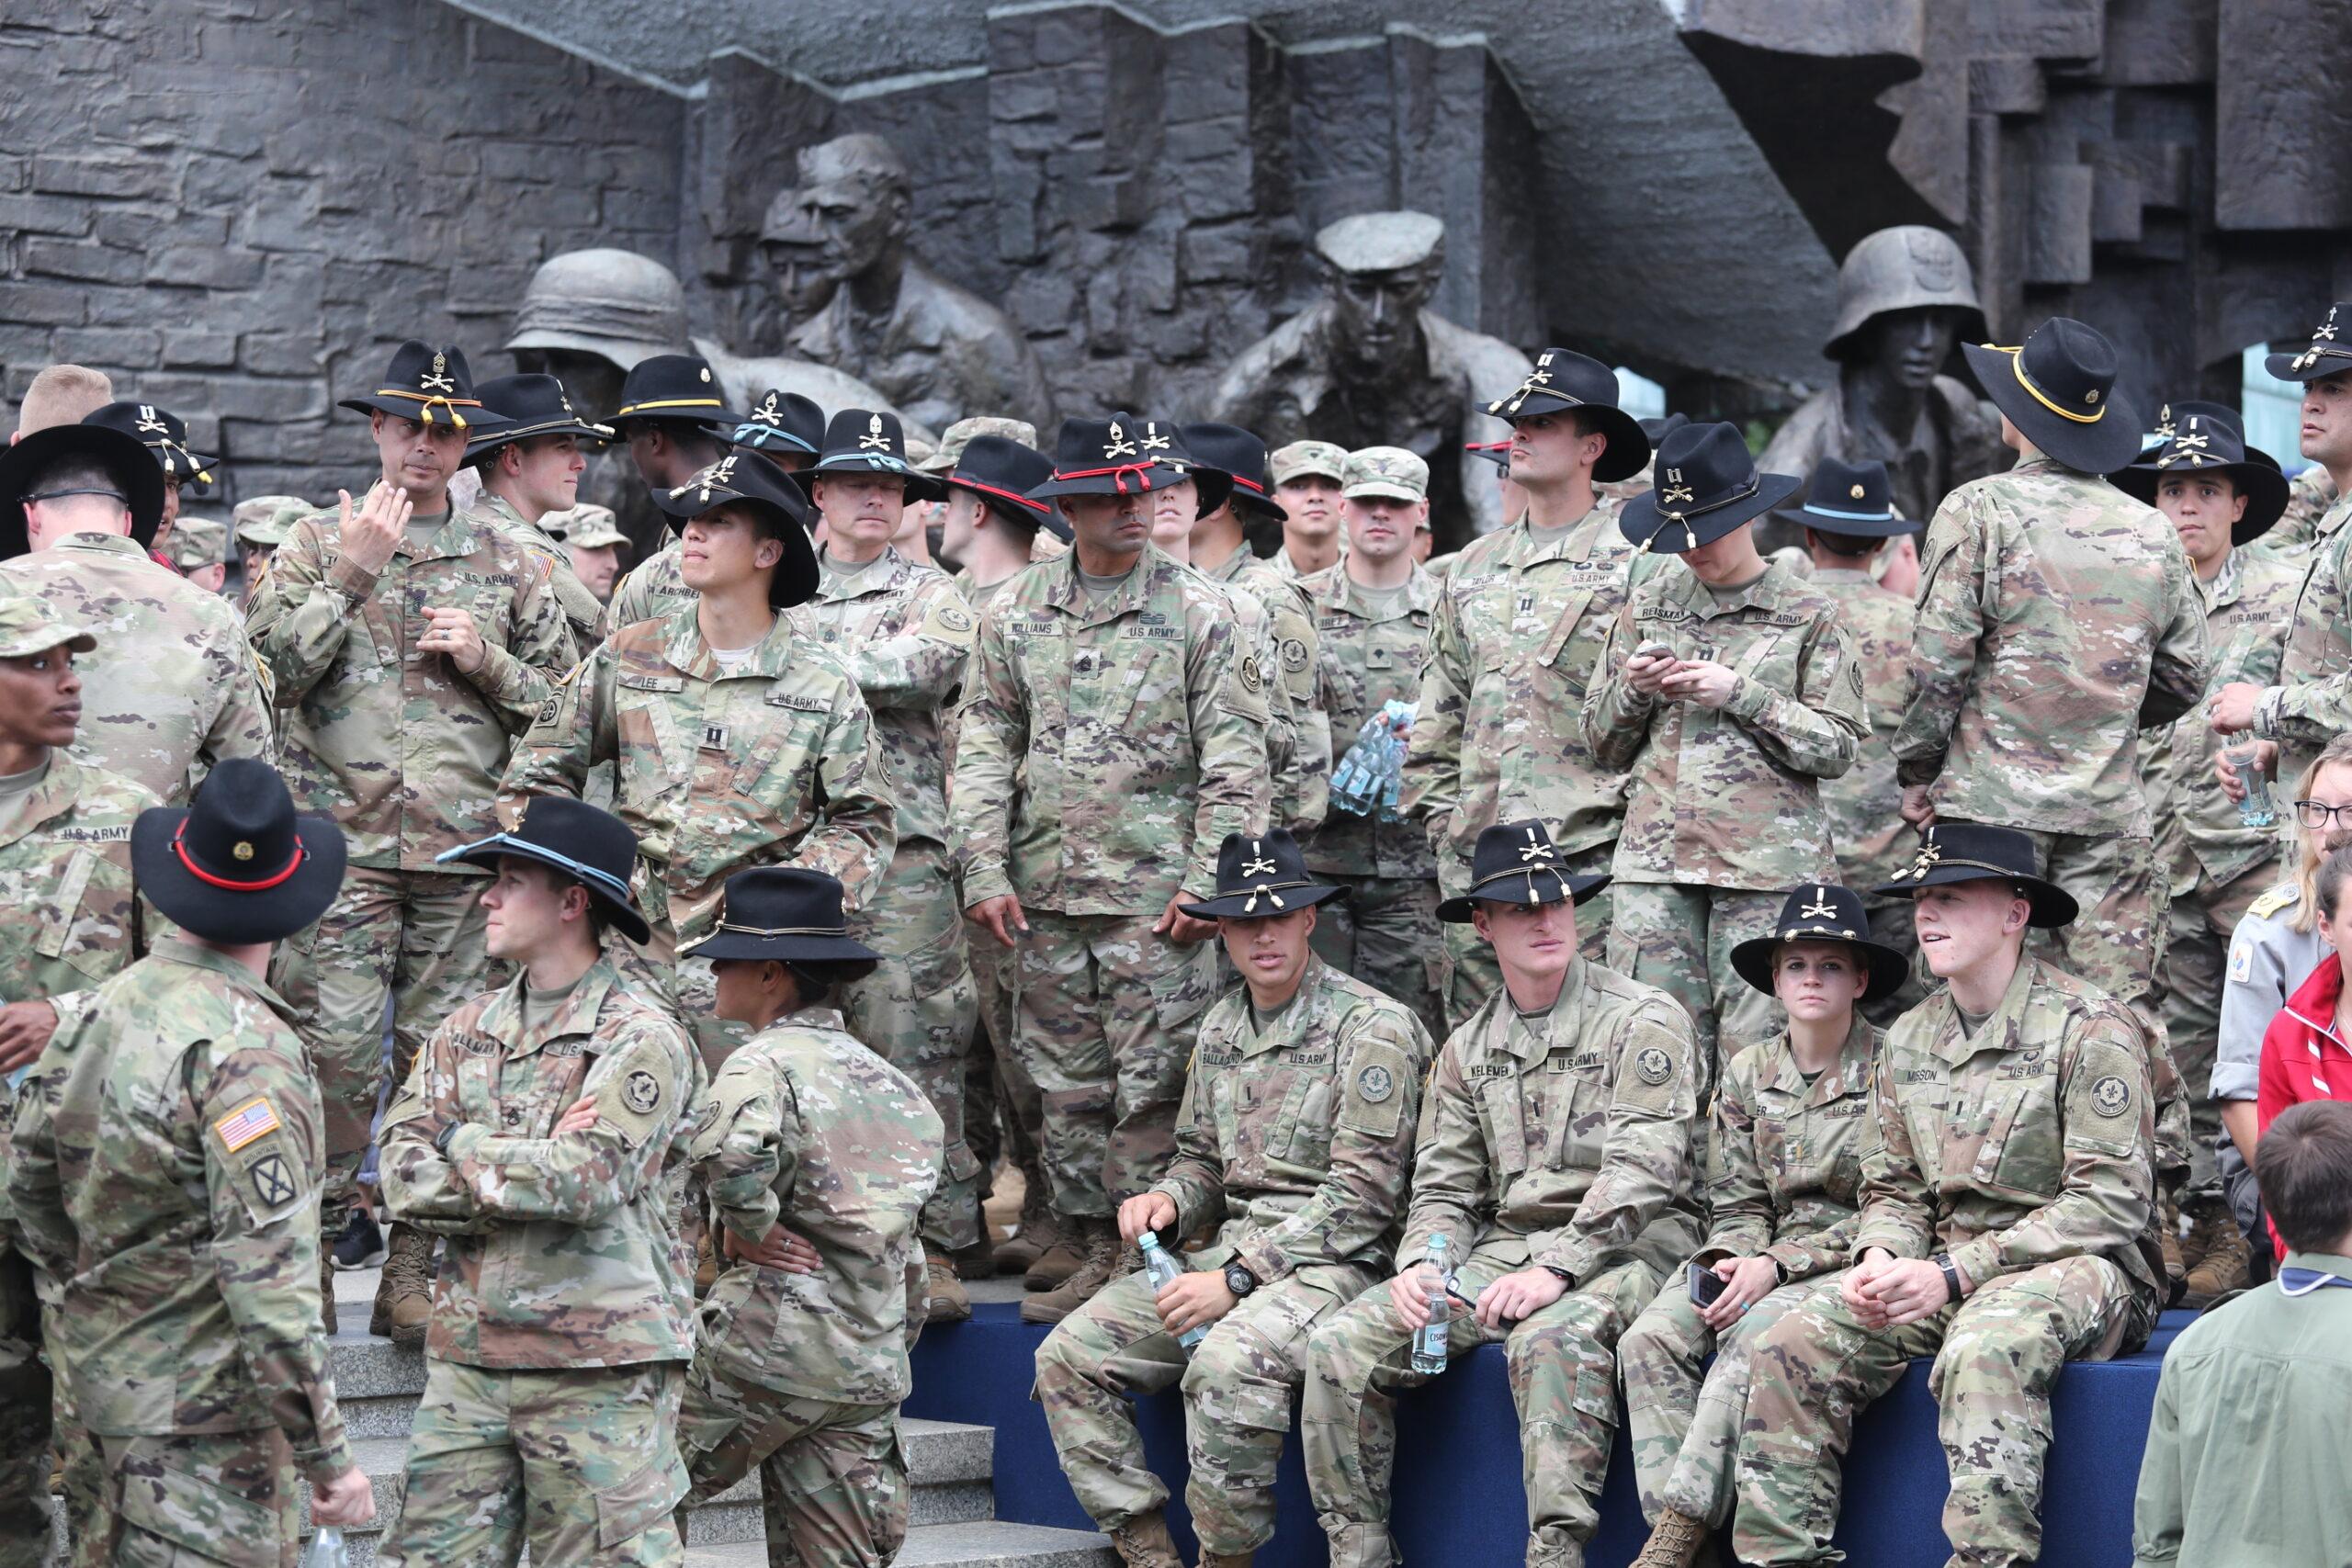 Wojska USA stacjonować będą w Polsce jak w kraju kolonialnym. MON opublikowało treśćumowy